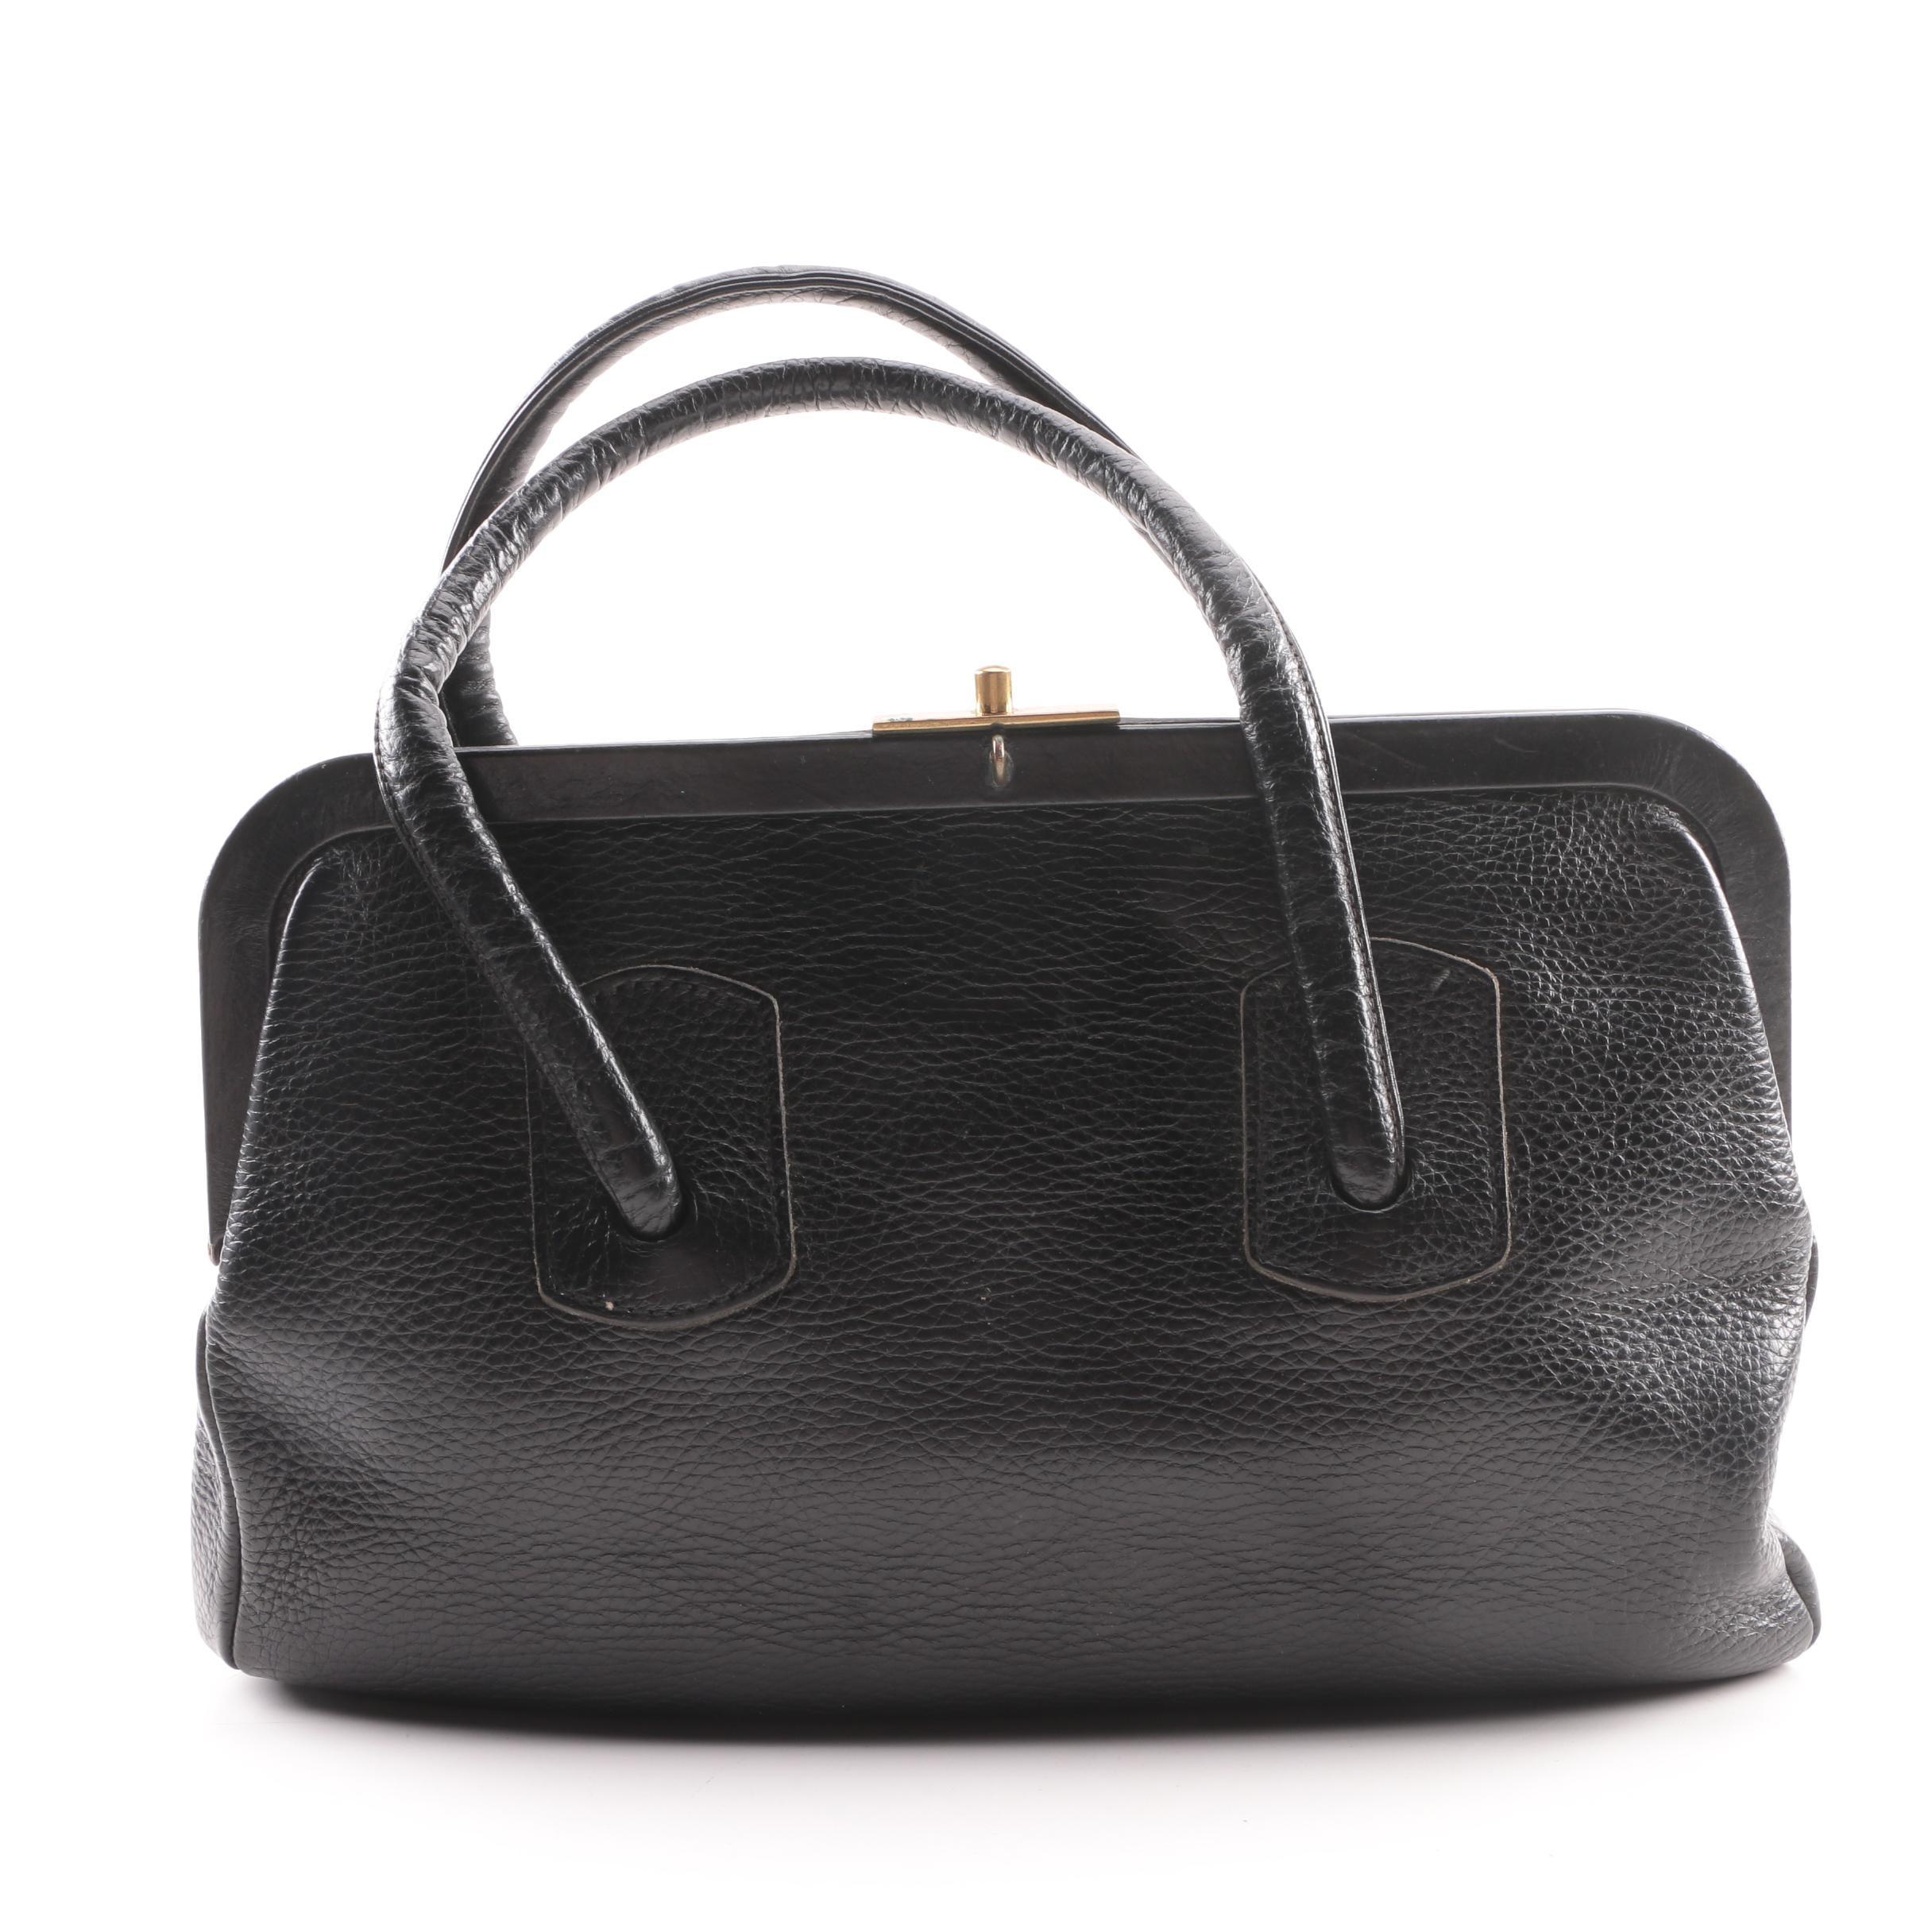 Vintage Saber Black Pebbled Leather Handbag